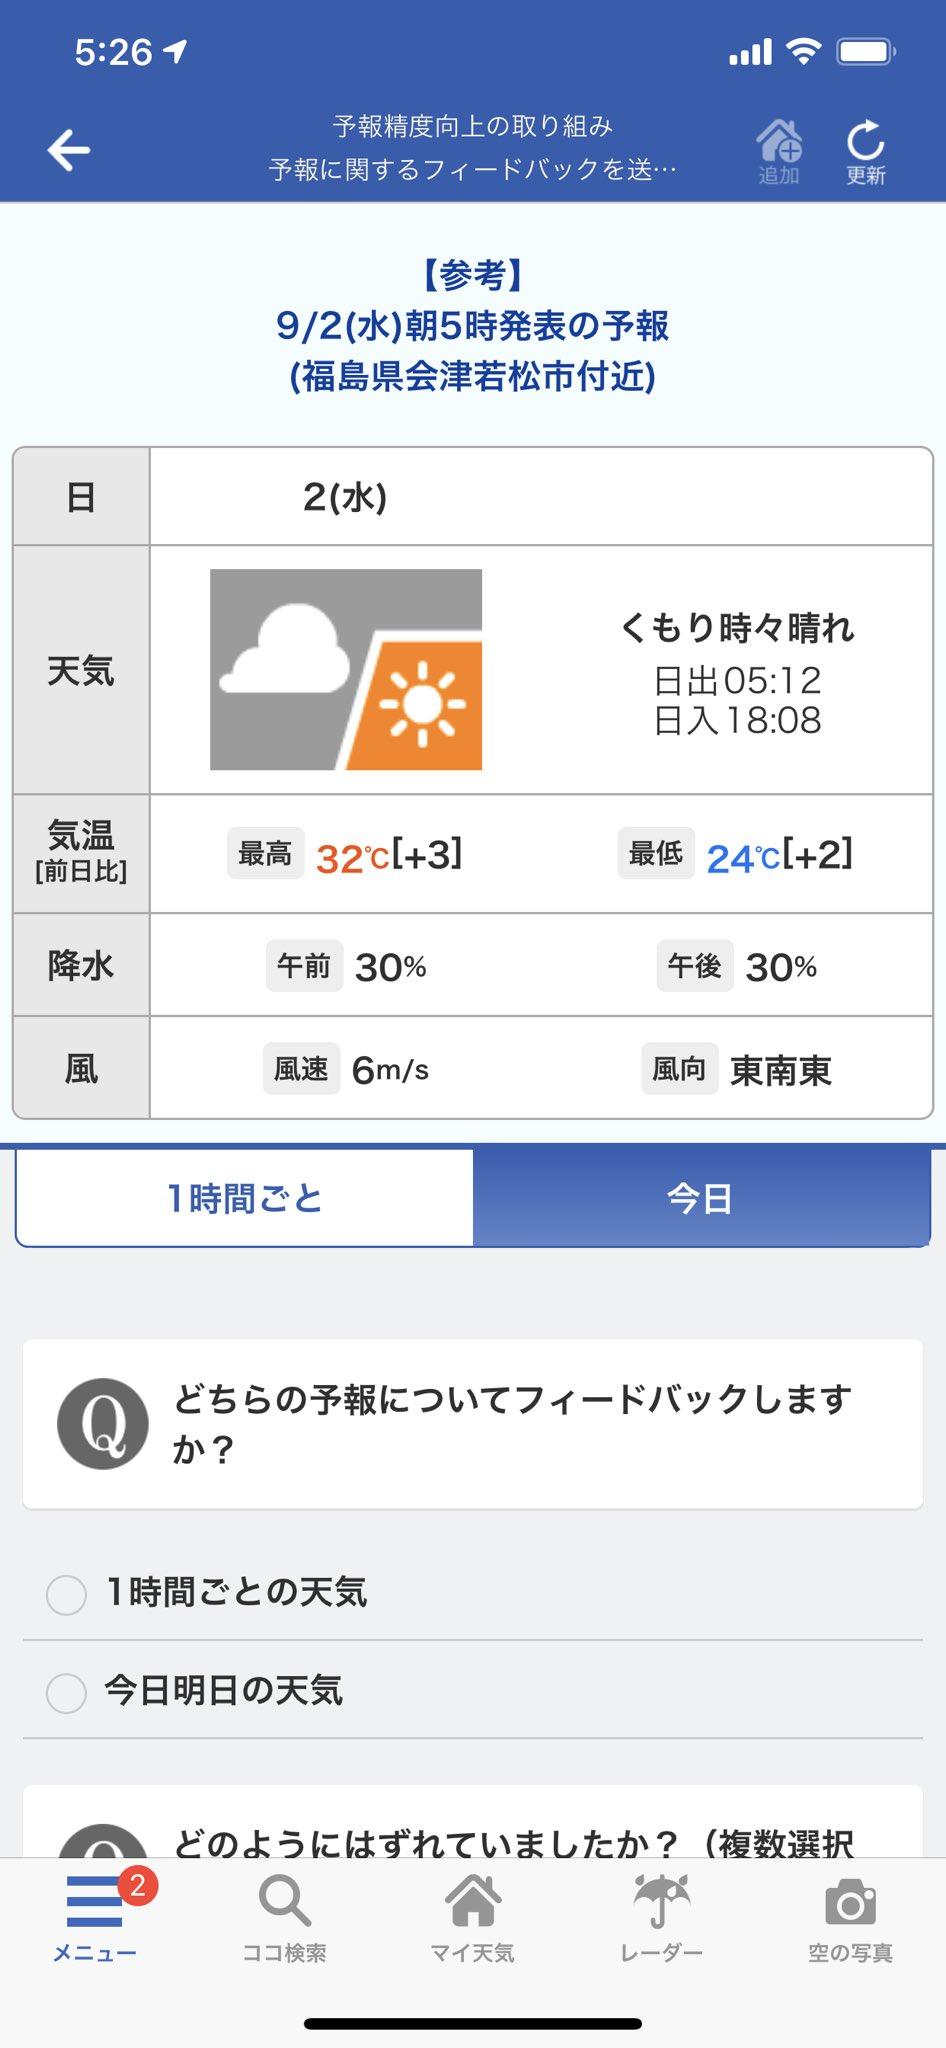 の 天気 会津